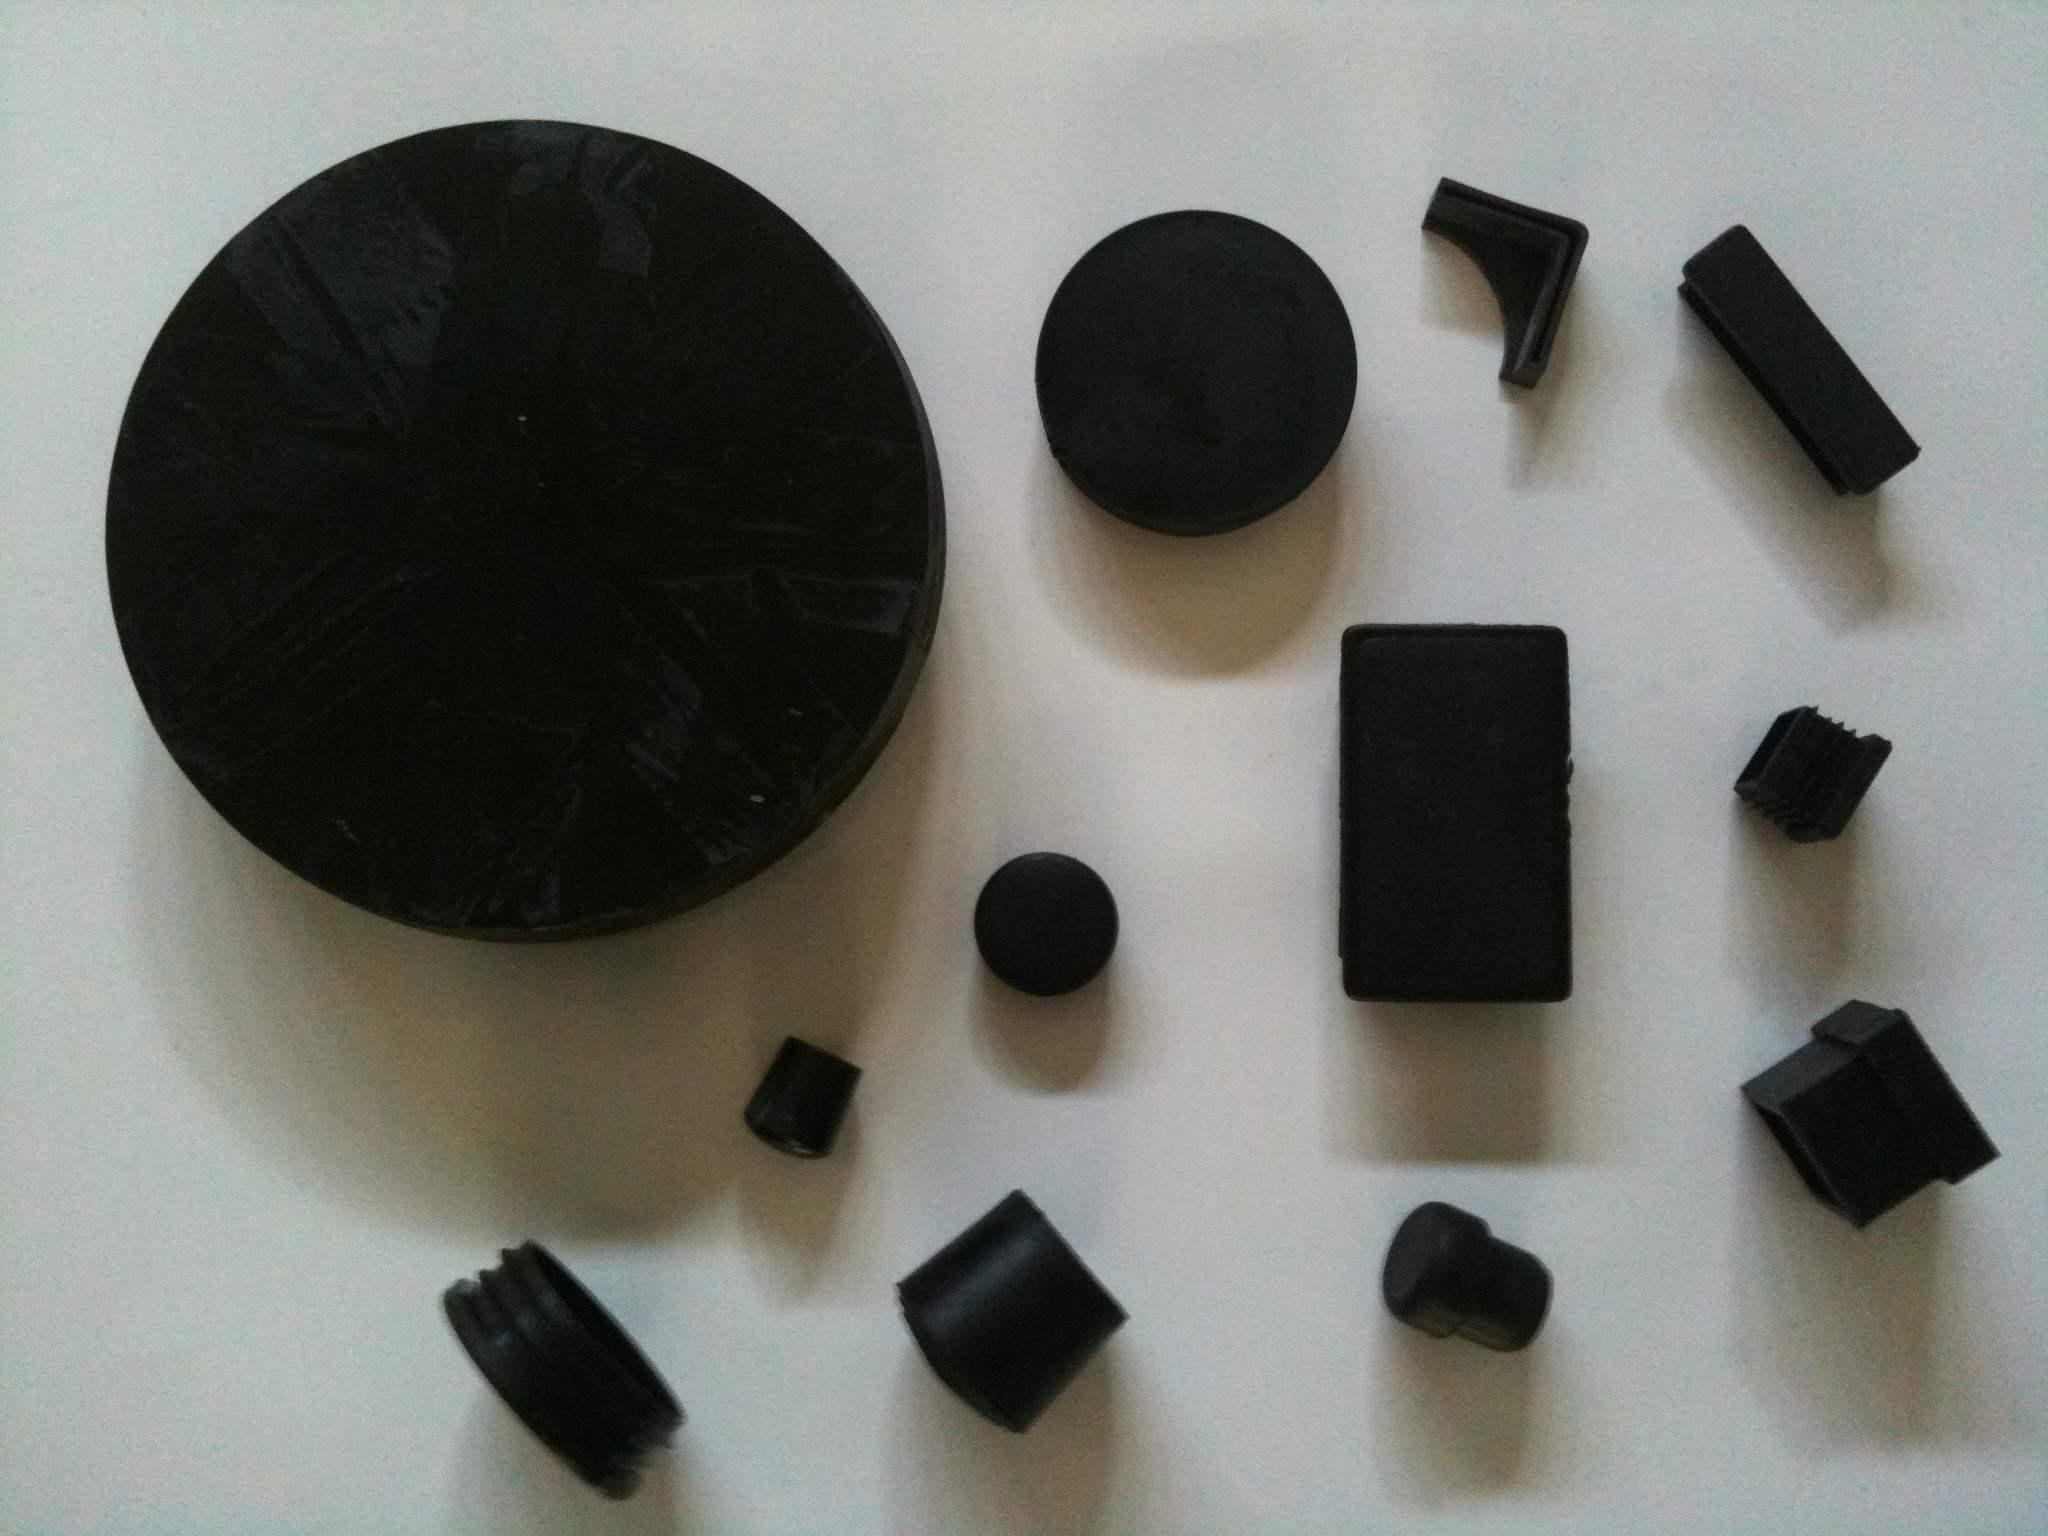 Bandas industriales s a - Conteras de plastico ...